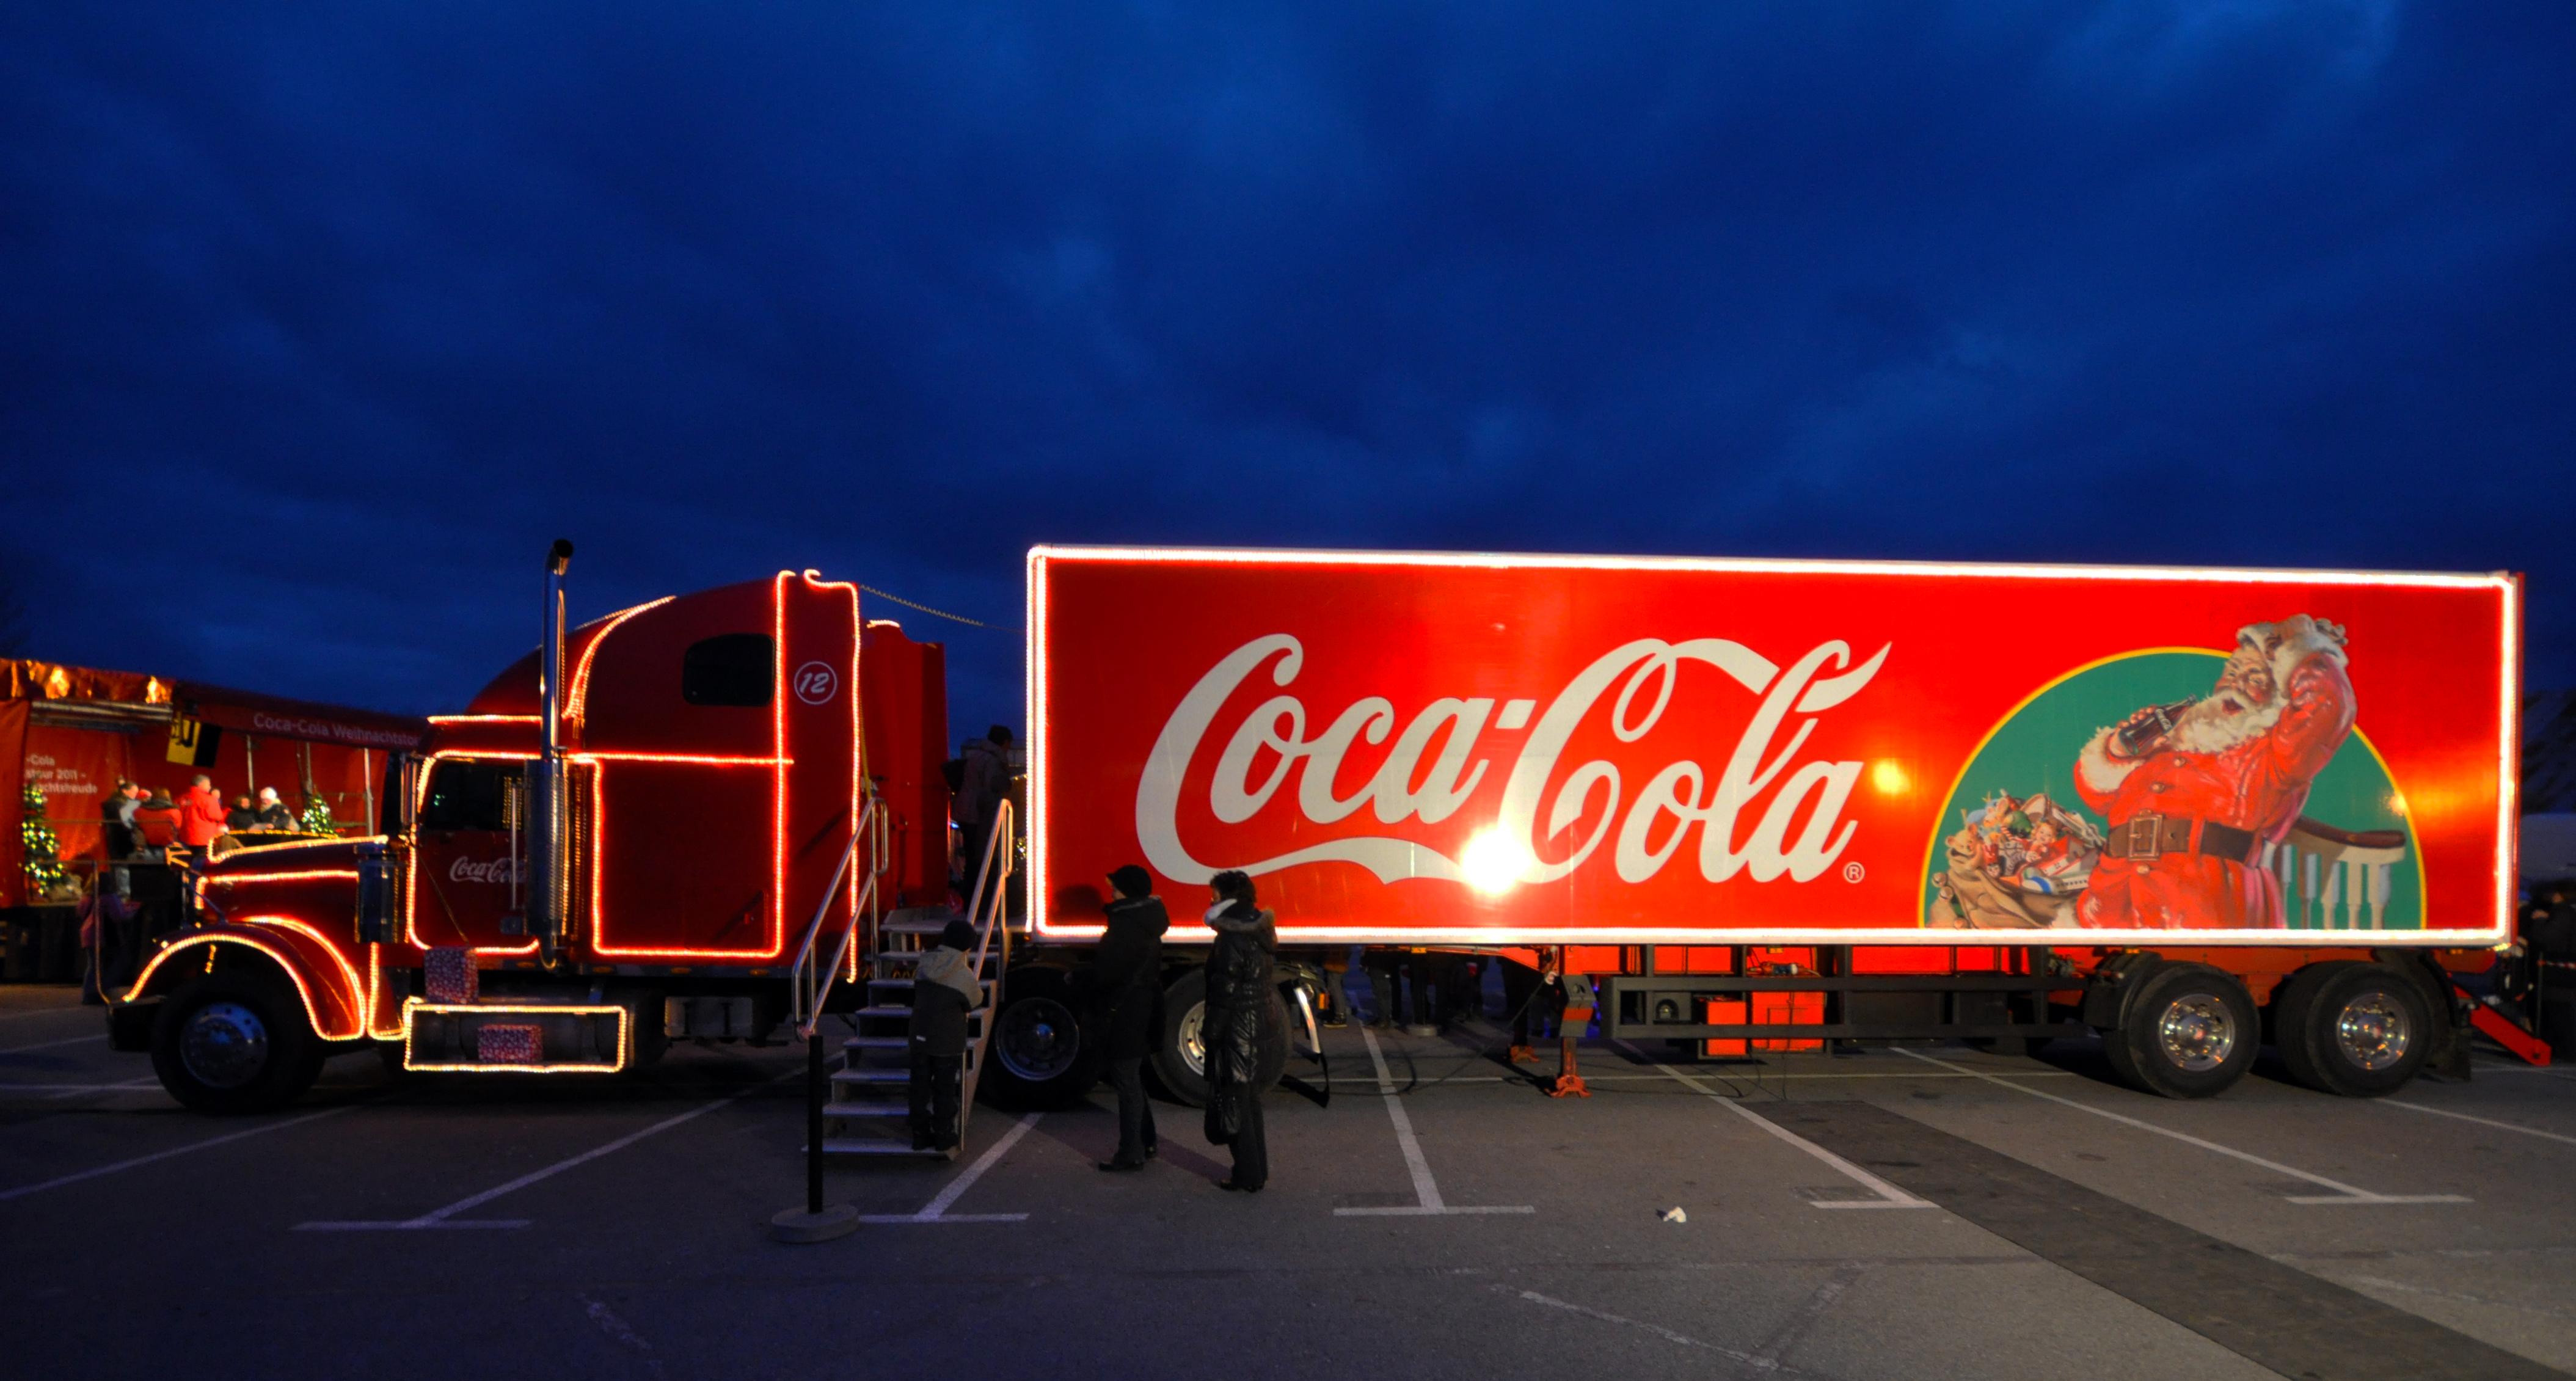 Coca Cola Werbung Weihnachten.Datei Coca Cola Weihnachtstruck In Rovershagen Jpg Wikipedia